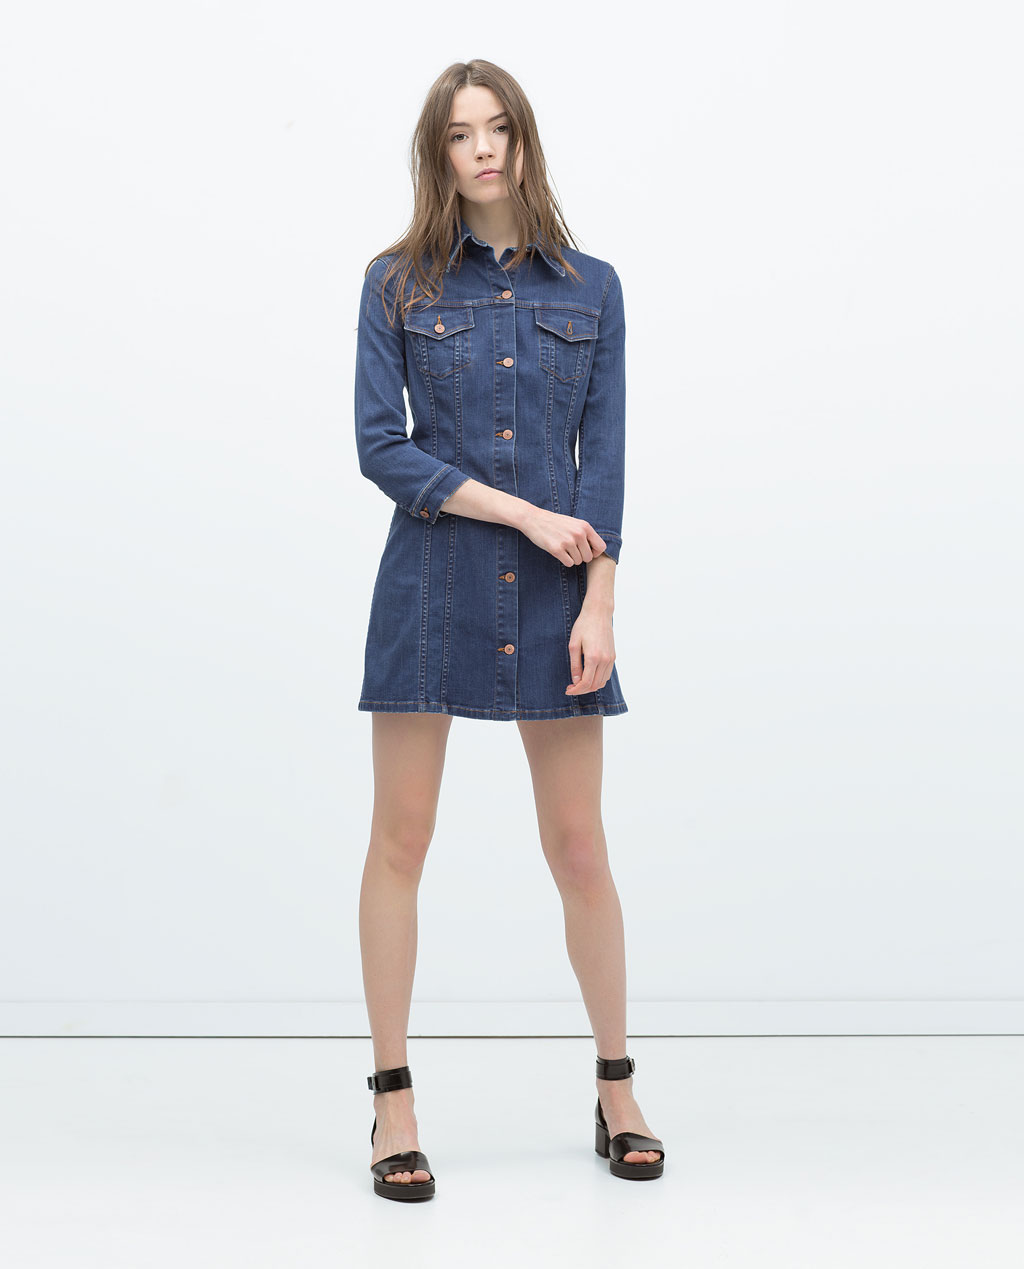 Black t shirt dress zara - Denim Dress Zara 49 95 2262043400_1_1_1